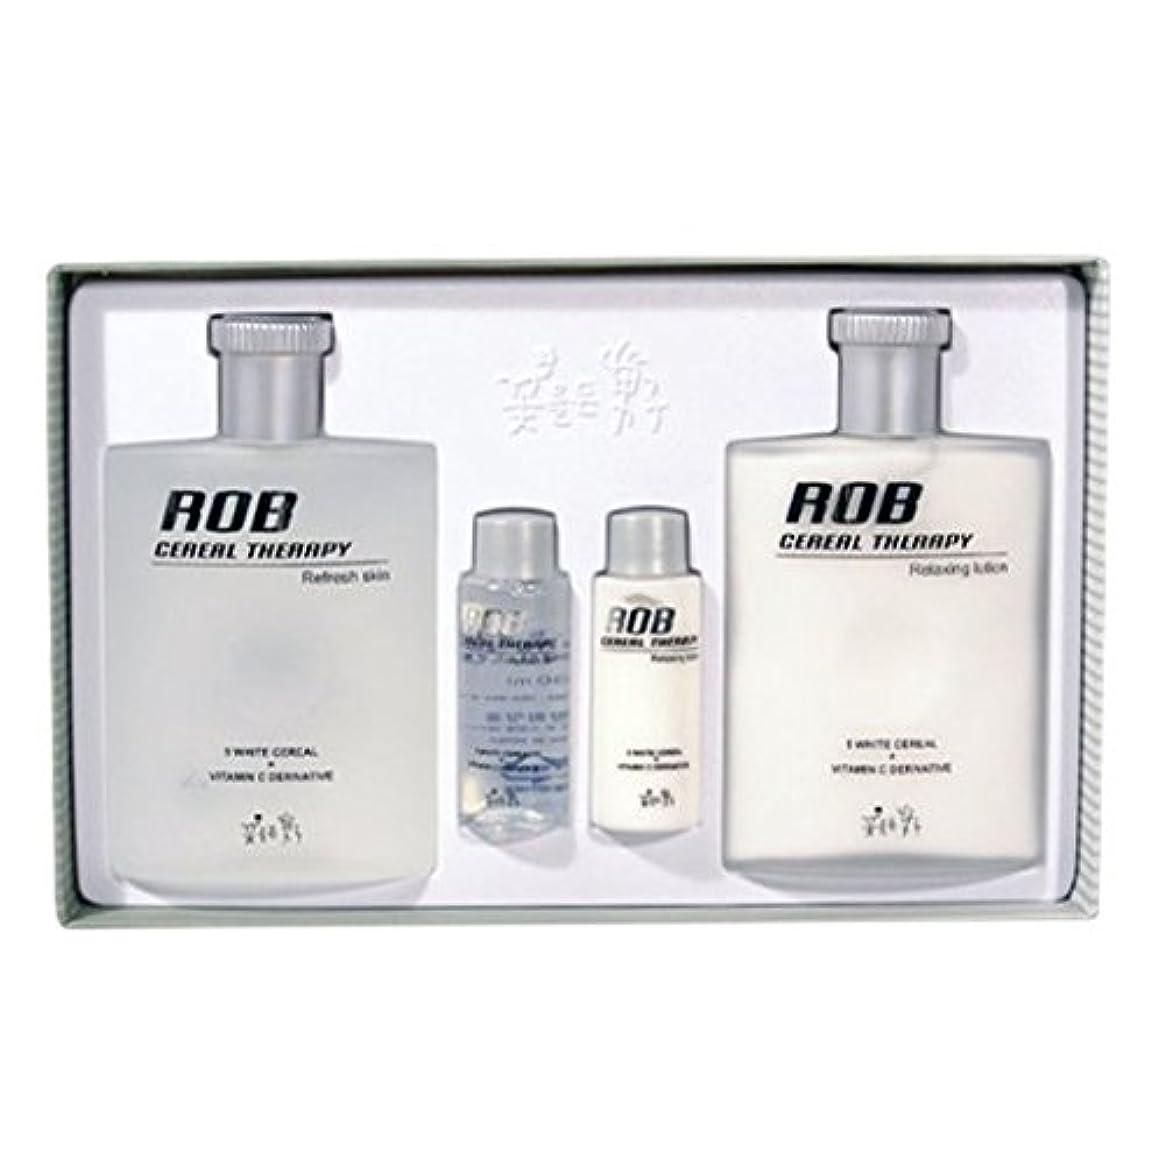 ヒゲコイルボートロブ?シリアルセラピースキン(160+30ml)ローション(160+30ml)、男性用化粧品、ROB Cereal Therapy Skin(160+30ml) Lotion(160+30ml) Men's Cosmetics...